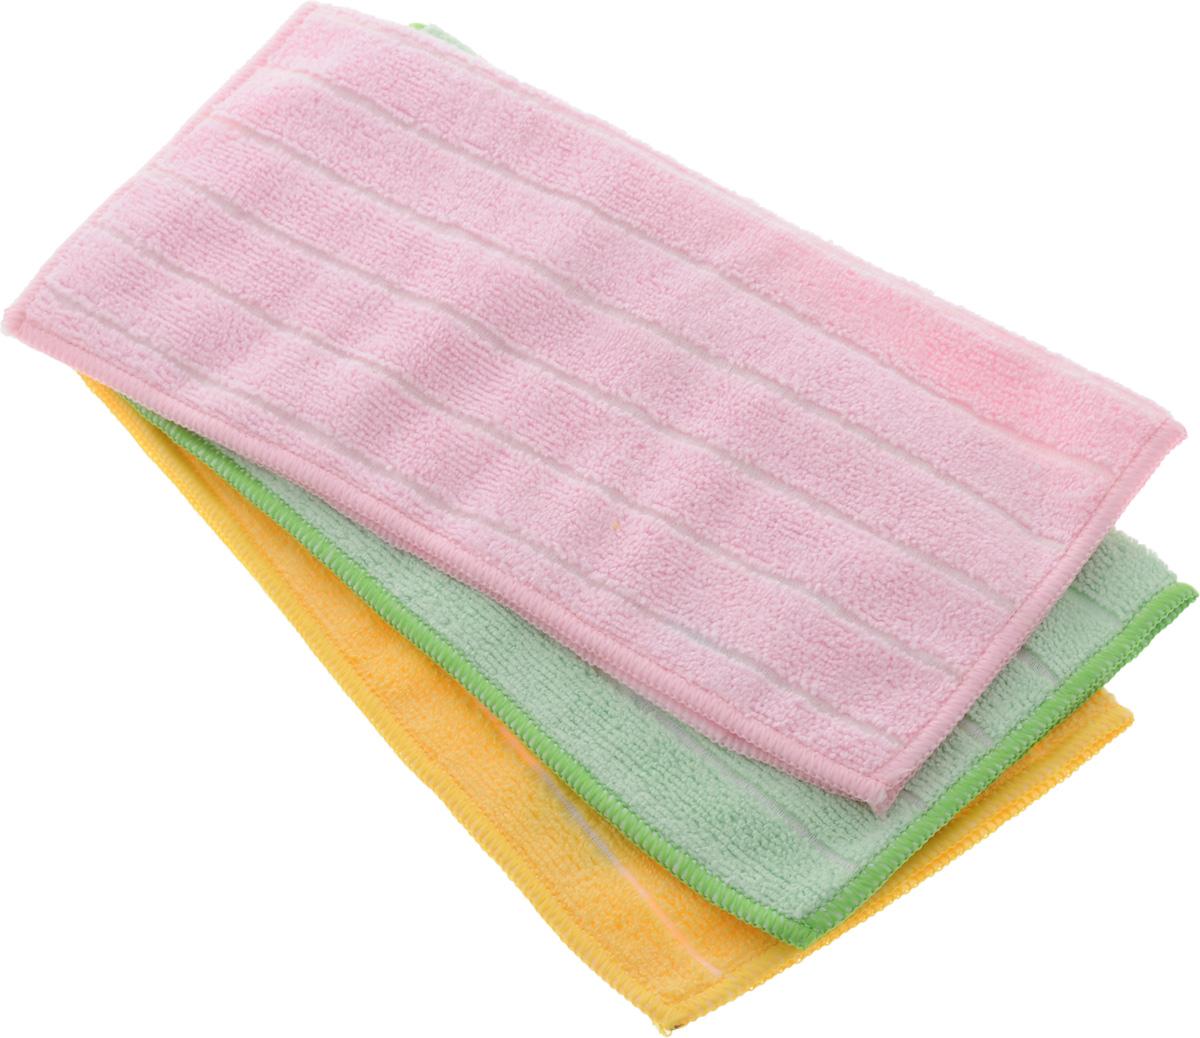 Салфетка универсальная Soavita Однотонные, 30 х 30 см, 3 штDAVC150Набор Soavita Однотонные состоит из трех салфеток, выполненных из микрофибры (80% полиэстер и 20% полиамид). Изделия отлично впитывают влагу, быстро сохнут, сохраняют яркость цвета и не теряют форму даже после многократных стирок. Салфетки универсальны, очень практичны и неприхотливы в уходе.